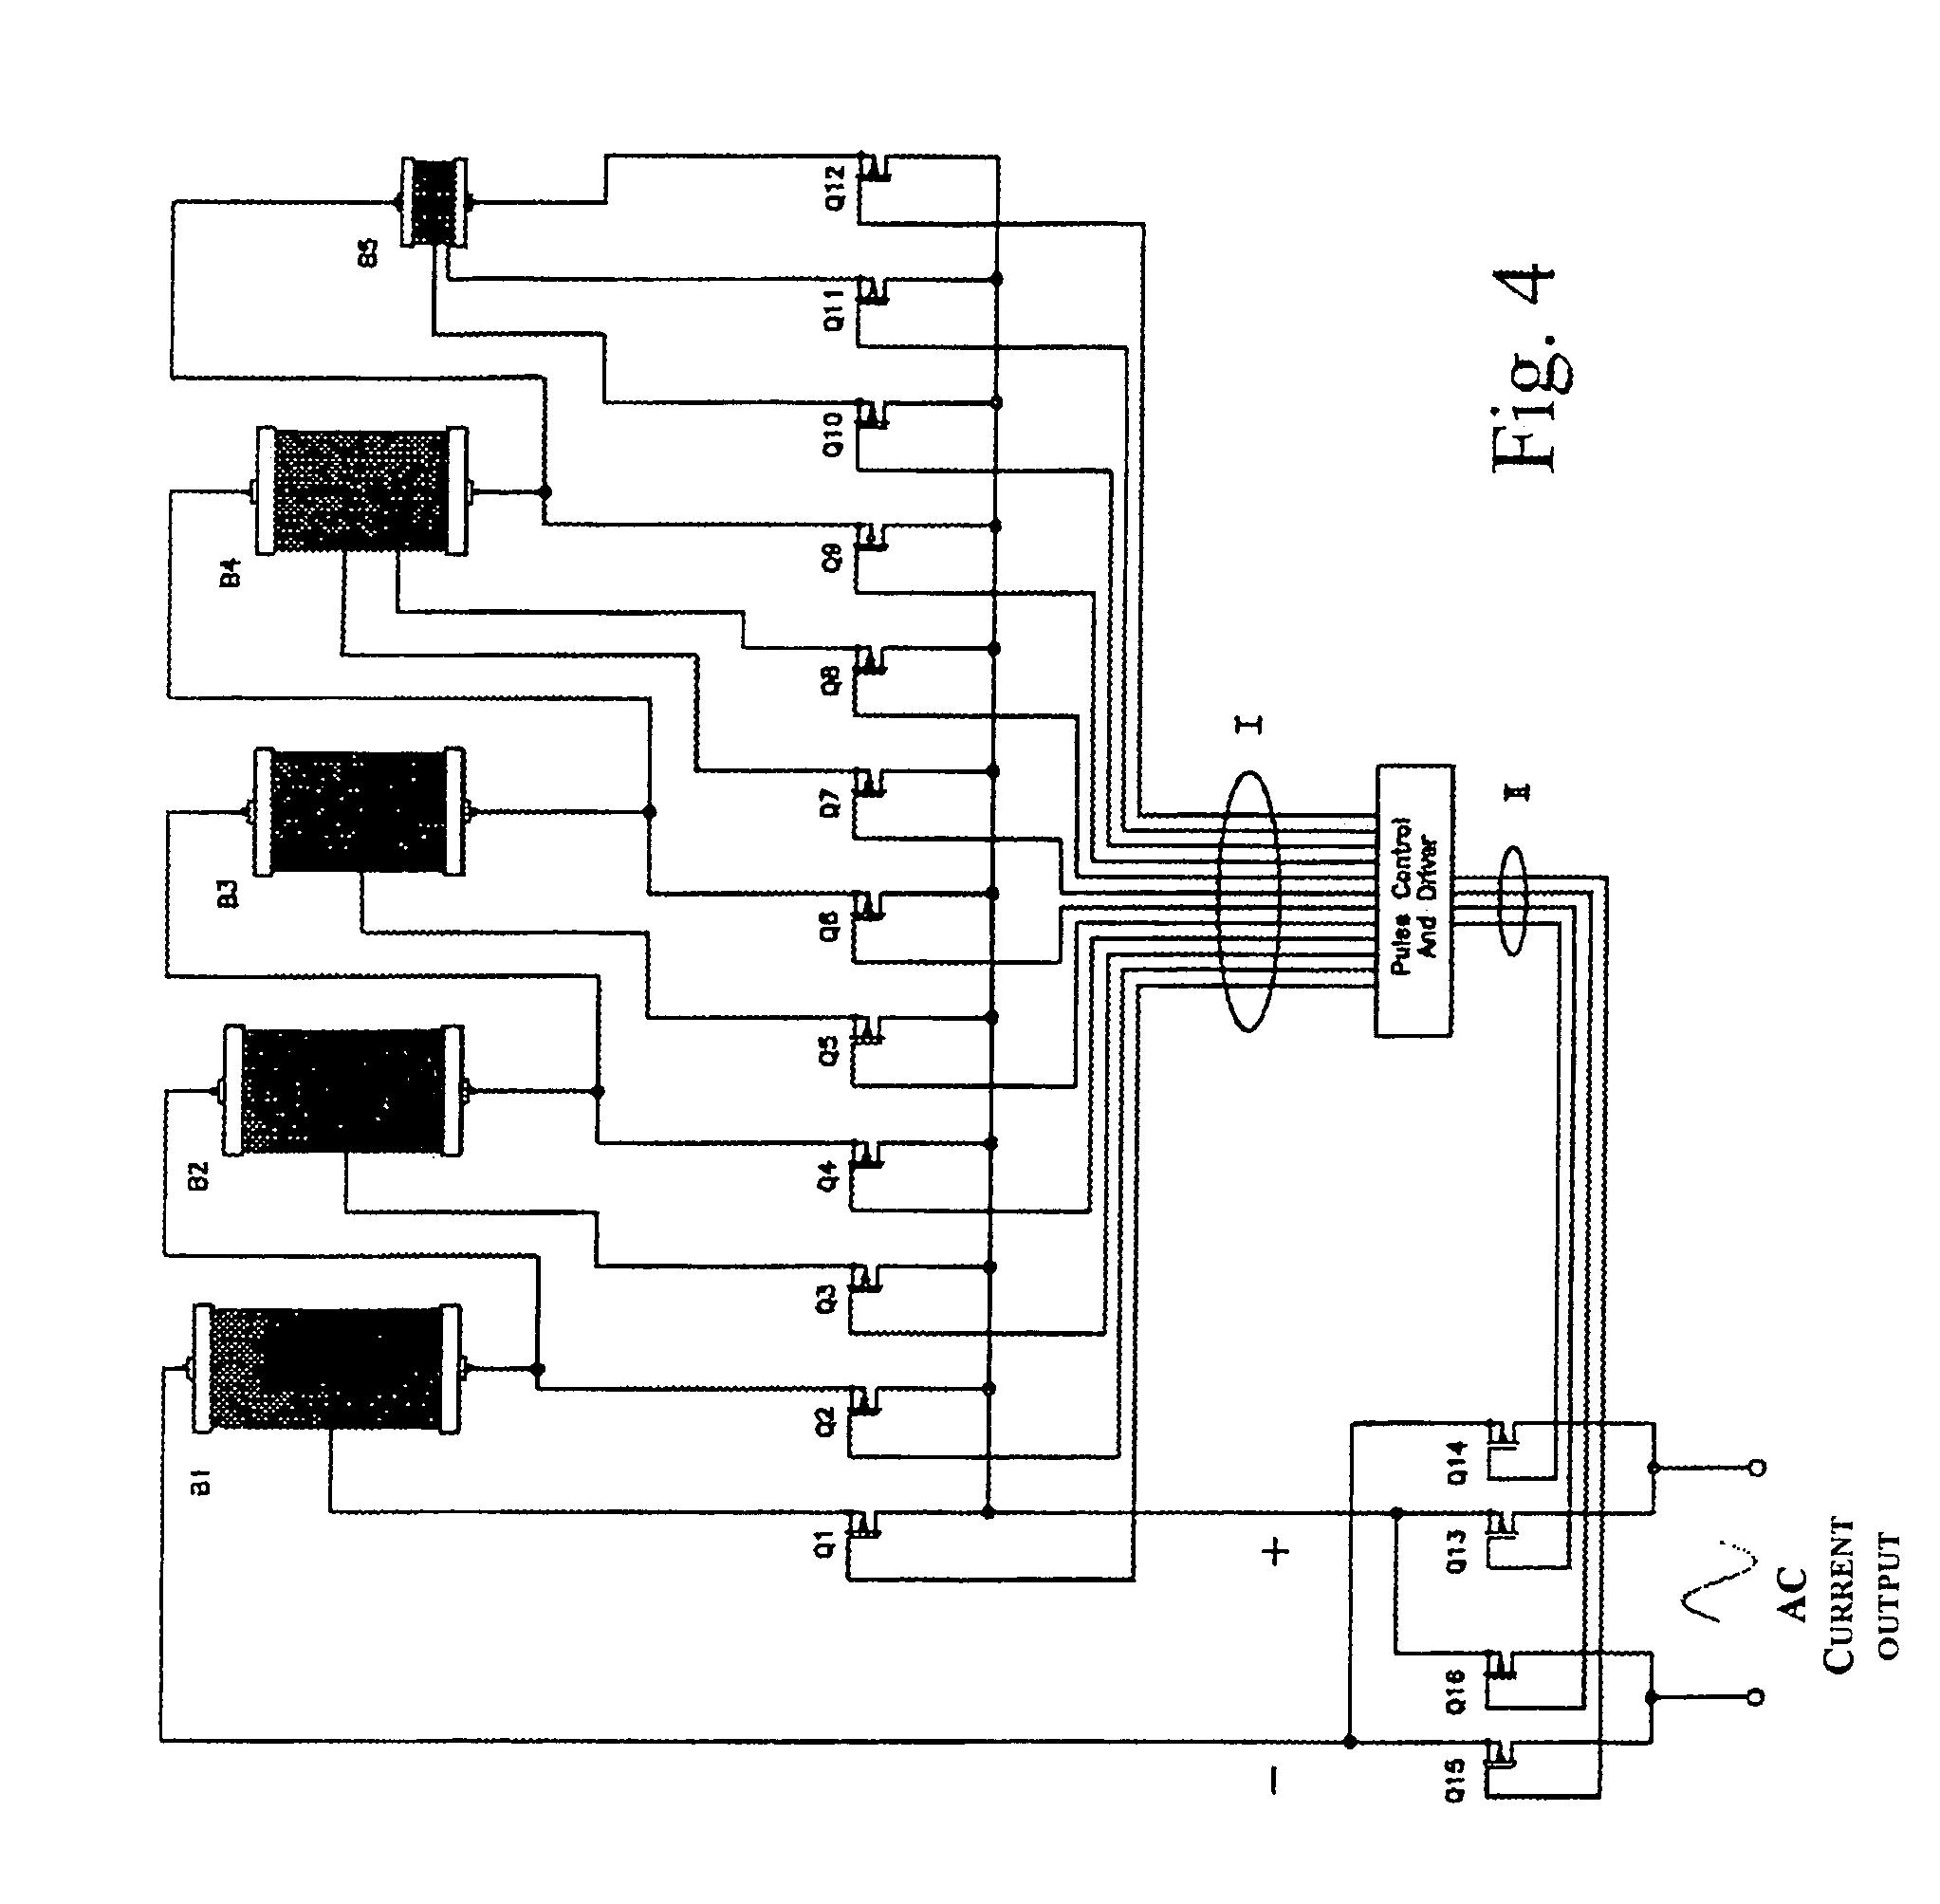 Transformerless Inverter Dc To Ac Schematic